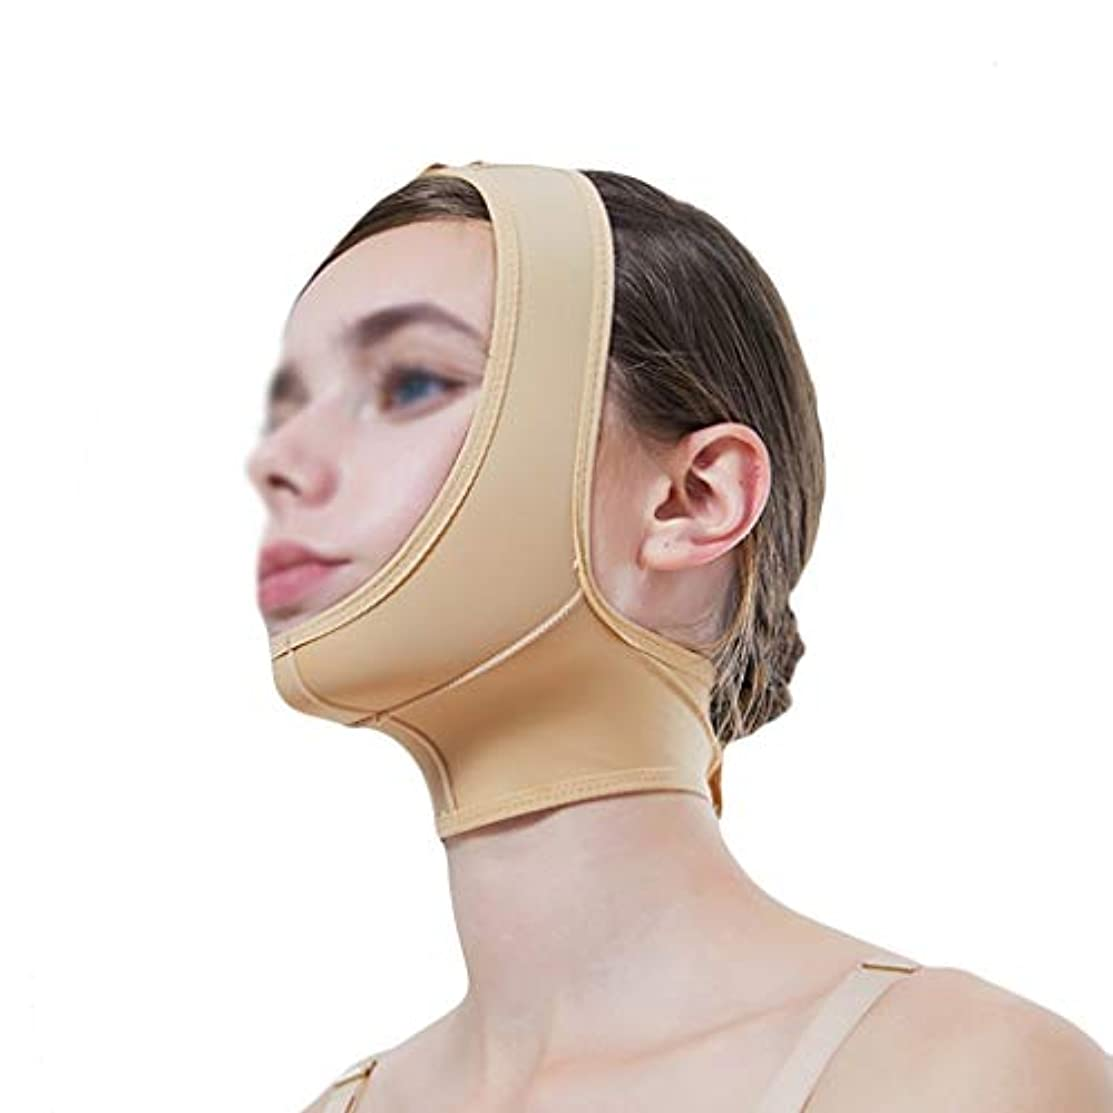 セーター悪のXHLMRMJ マスク、超薄型ベルト、フェイスリフティングに適しています、フェイスリフティング、通気性包帯、チンリフティングベルト、超薄型ベルト、通気性 (Size : S)